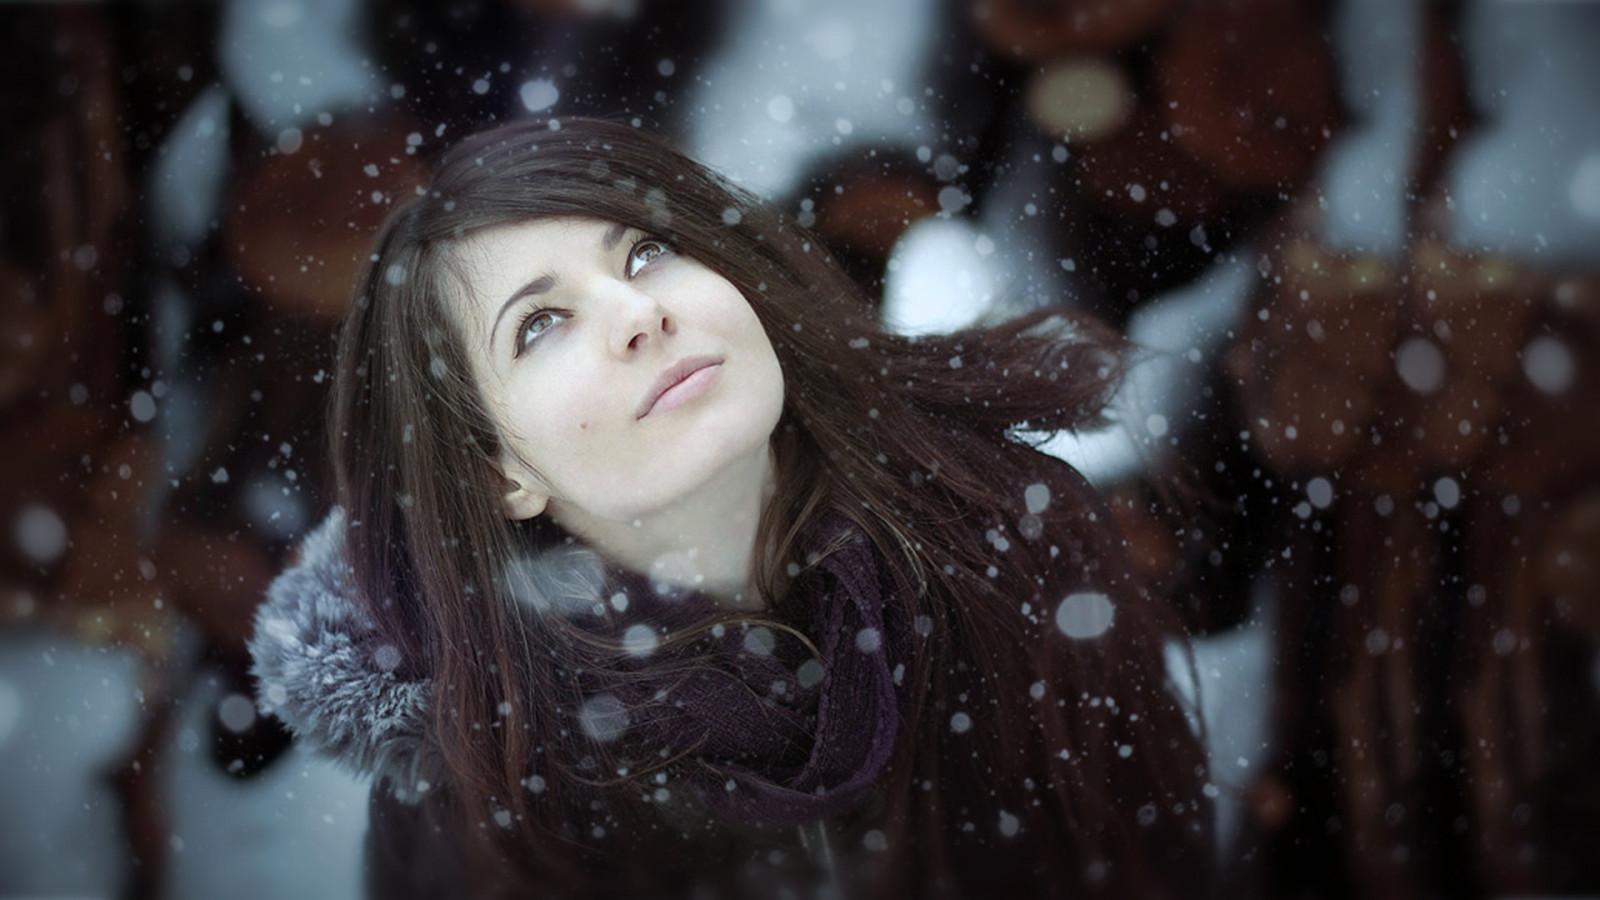 девушку намылили снегом предлагает свои